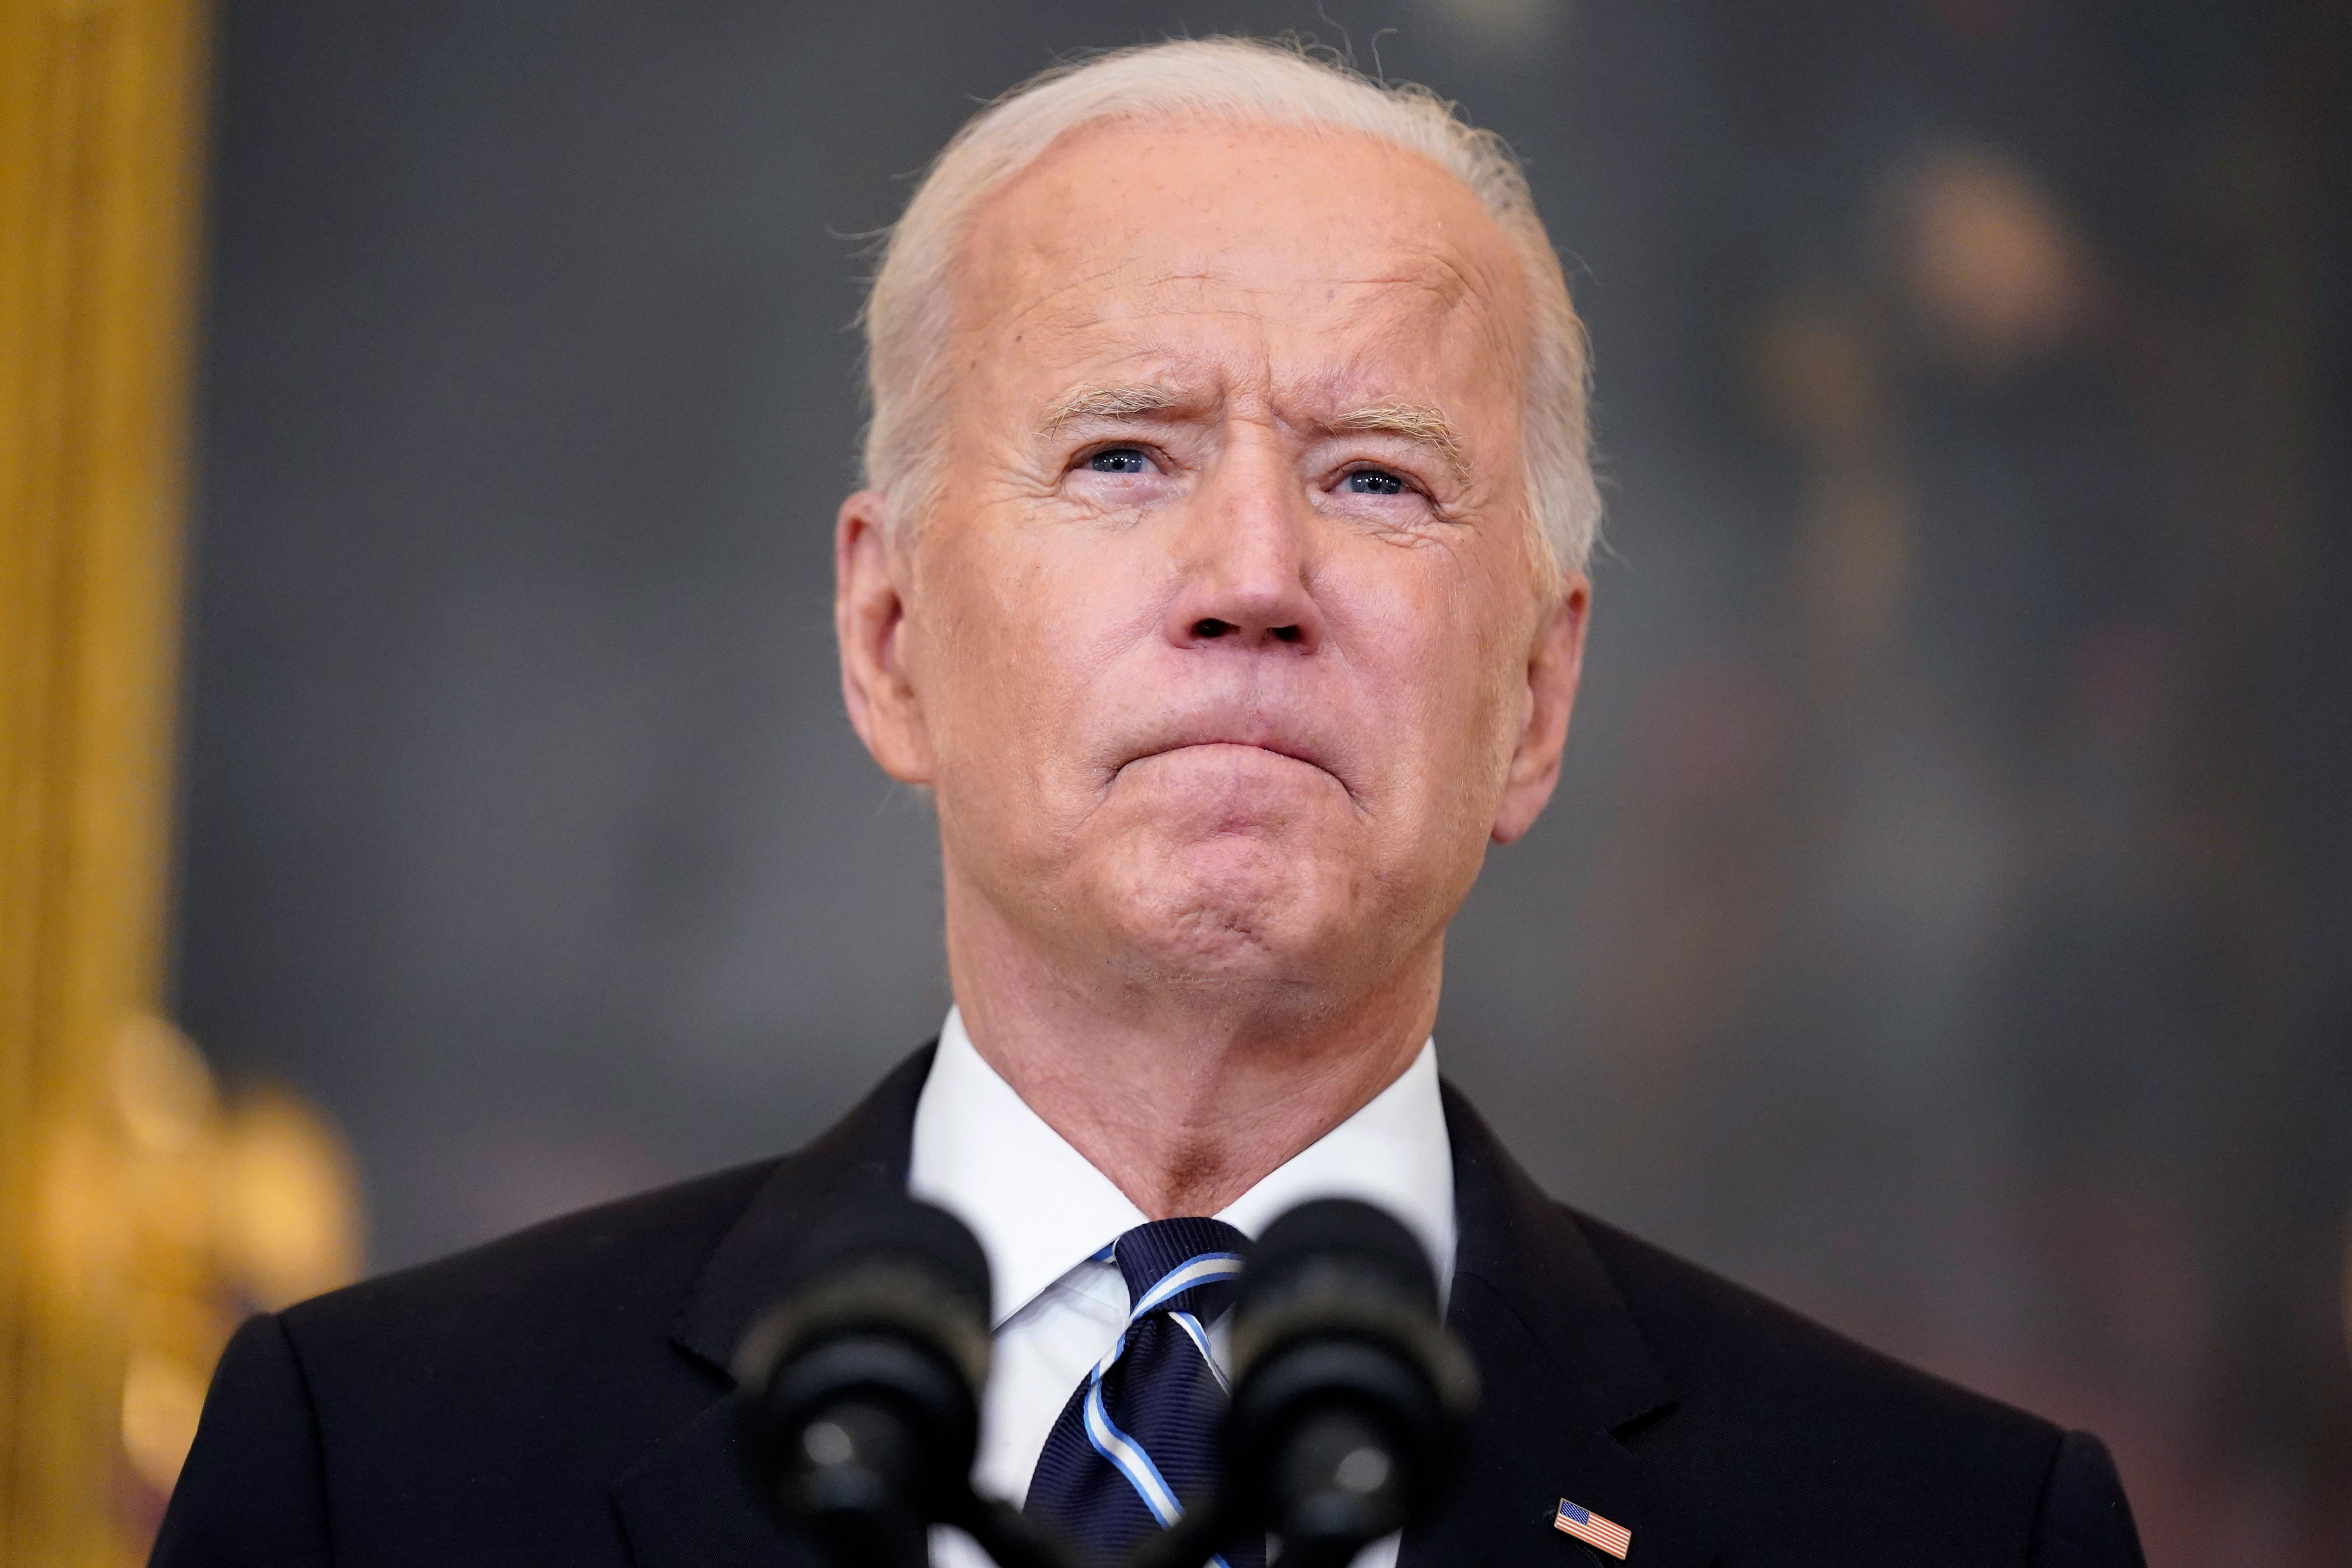 President Joe Biden pauses as he speaks from the White House on September 9.